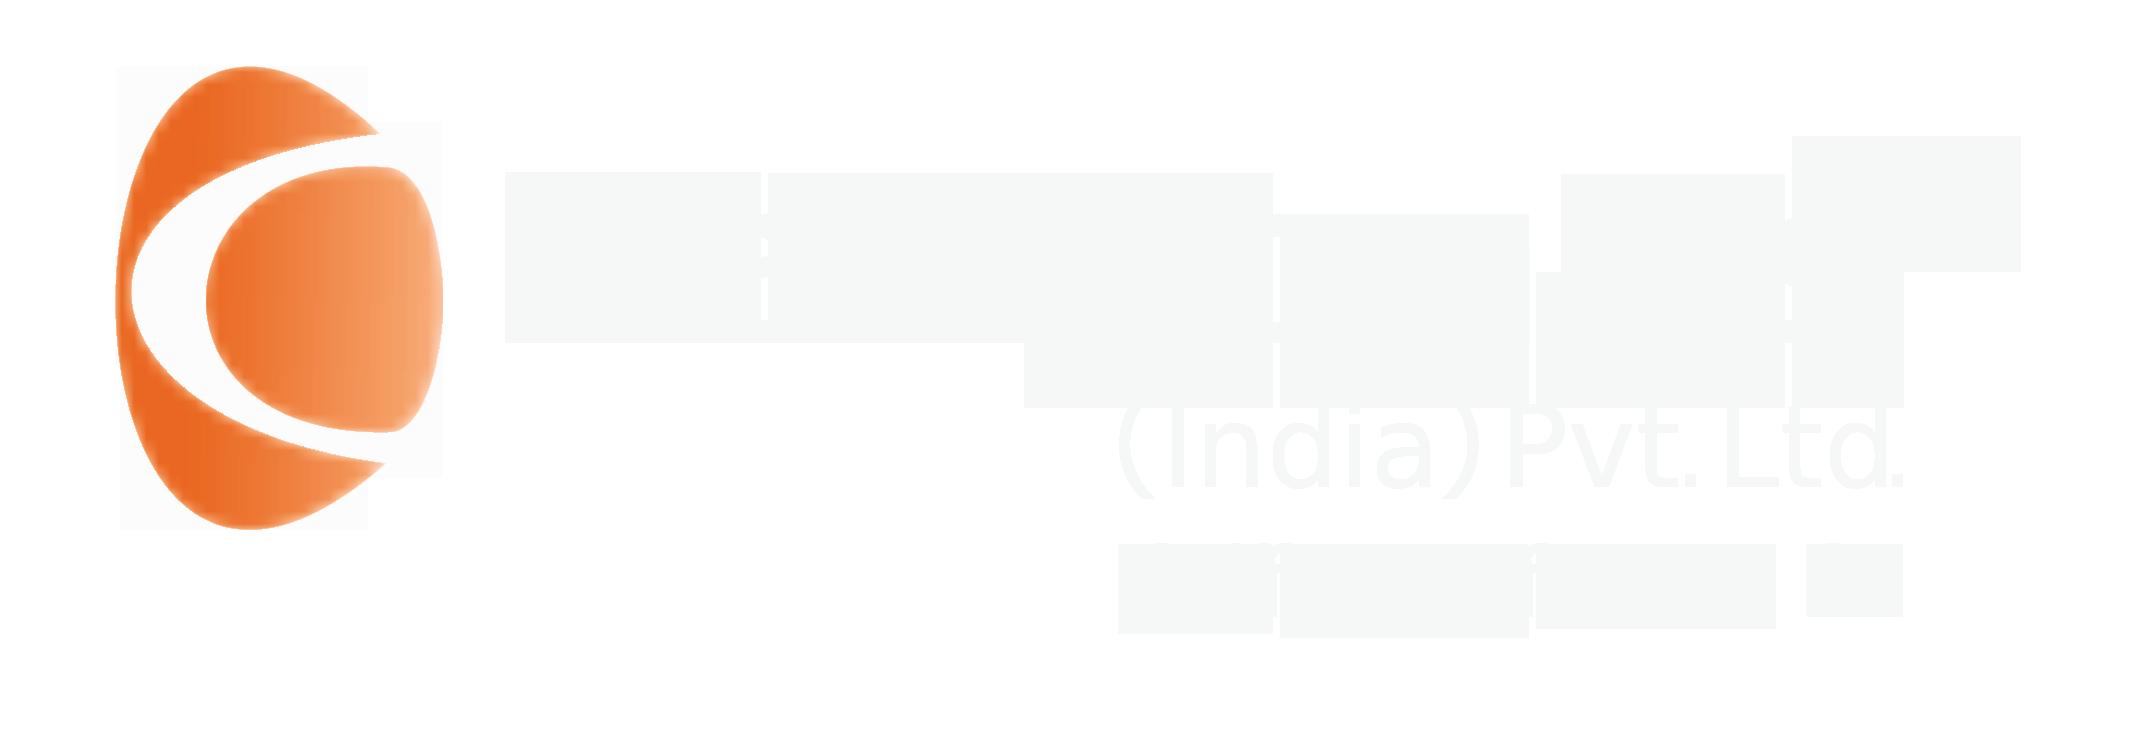 keetronics